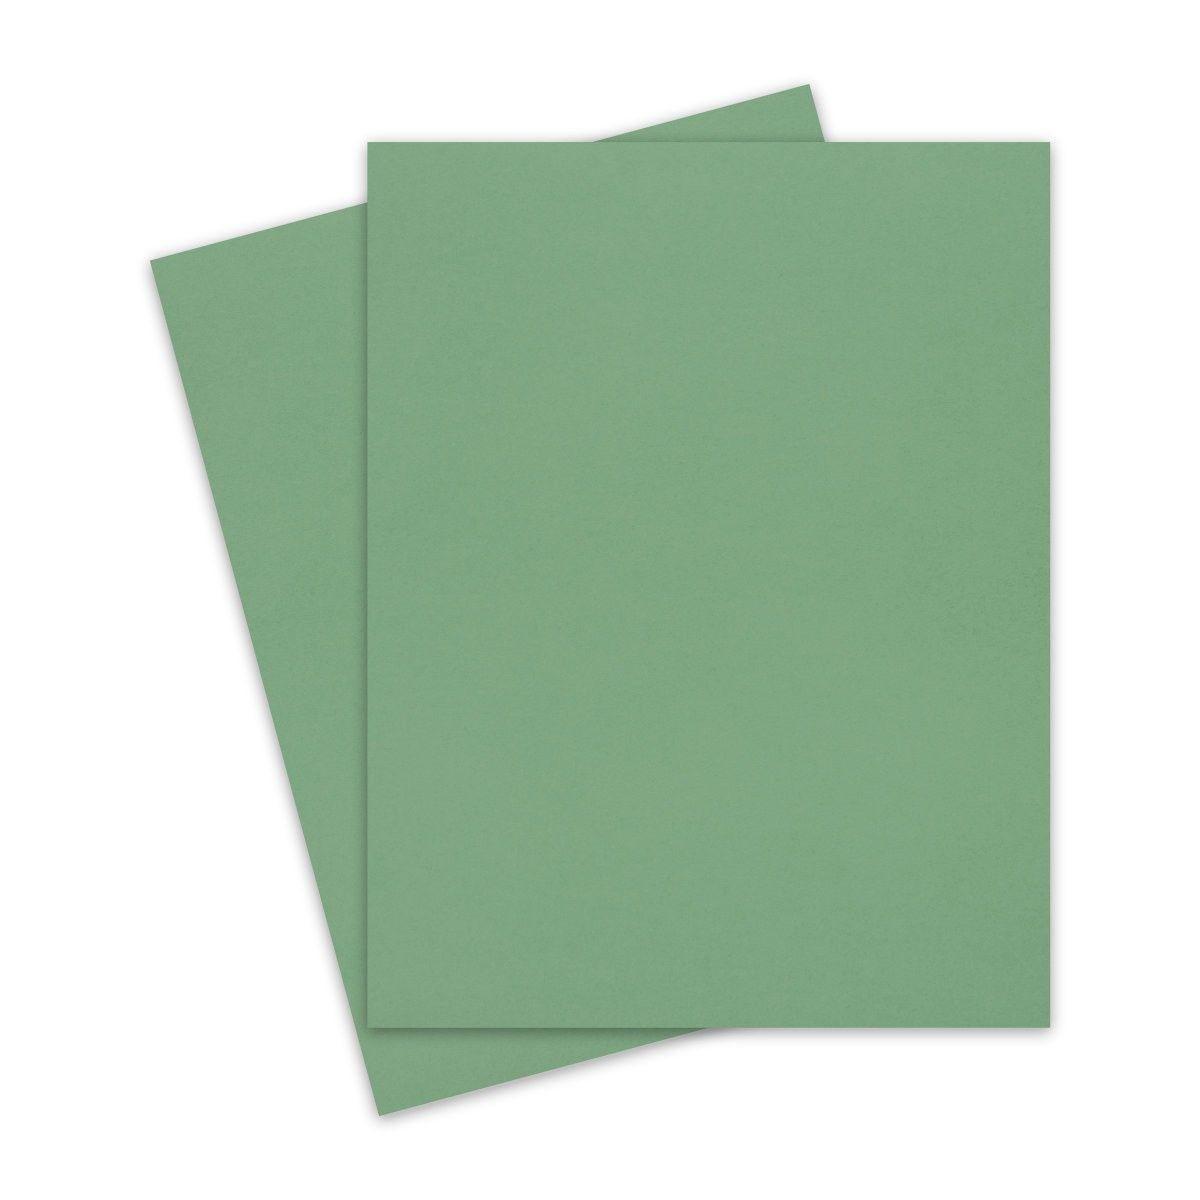 Matcha Tea Keaykolour 8 5x11 Letter Size Cardstock Paper 111lb Cover 25 Pk Letter Size Paper Cover Paper Cardstock Paper